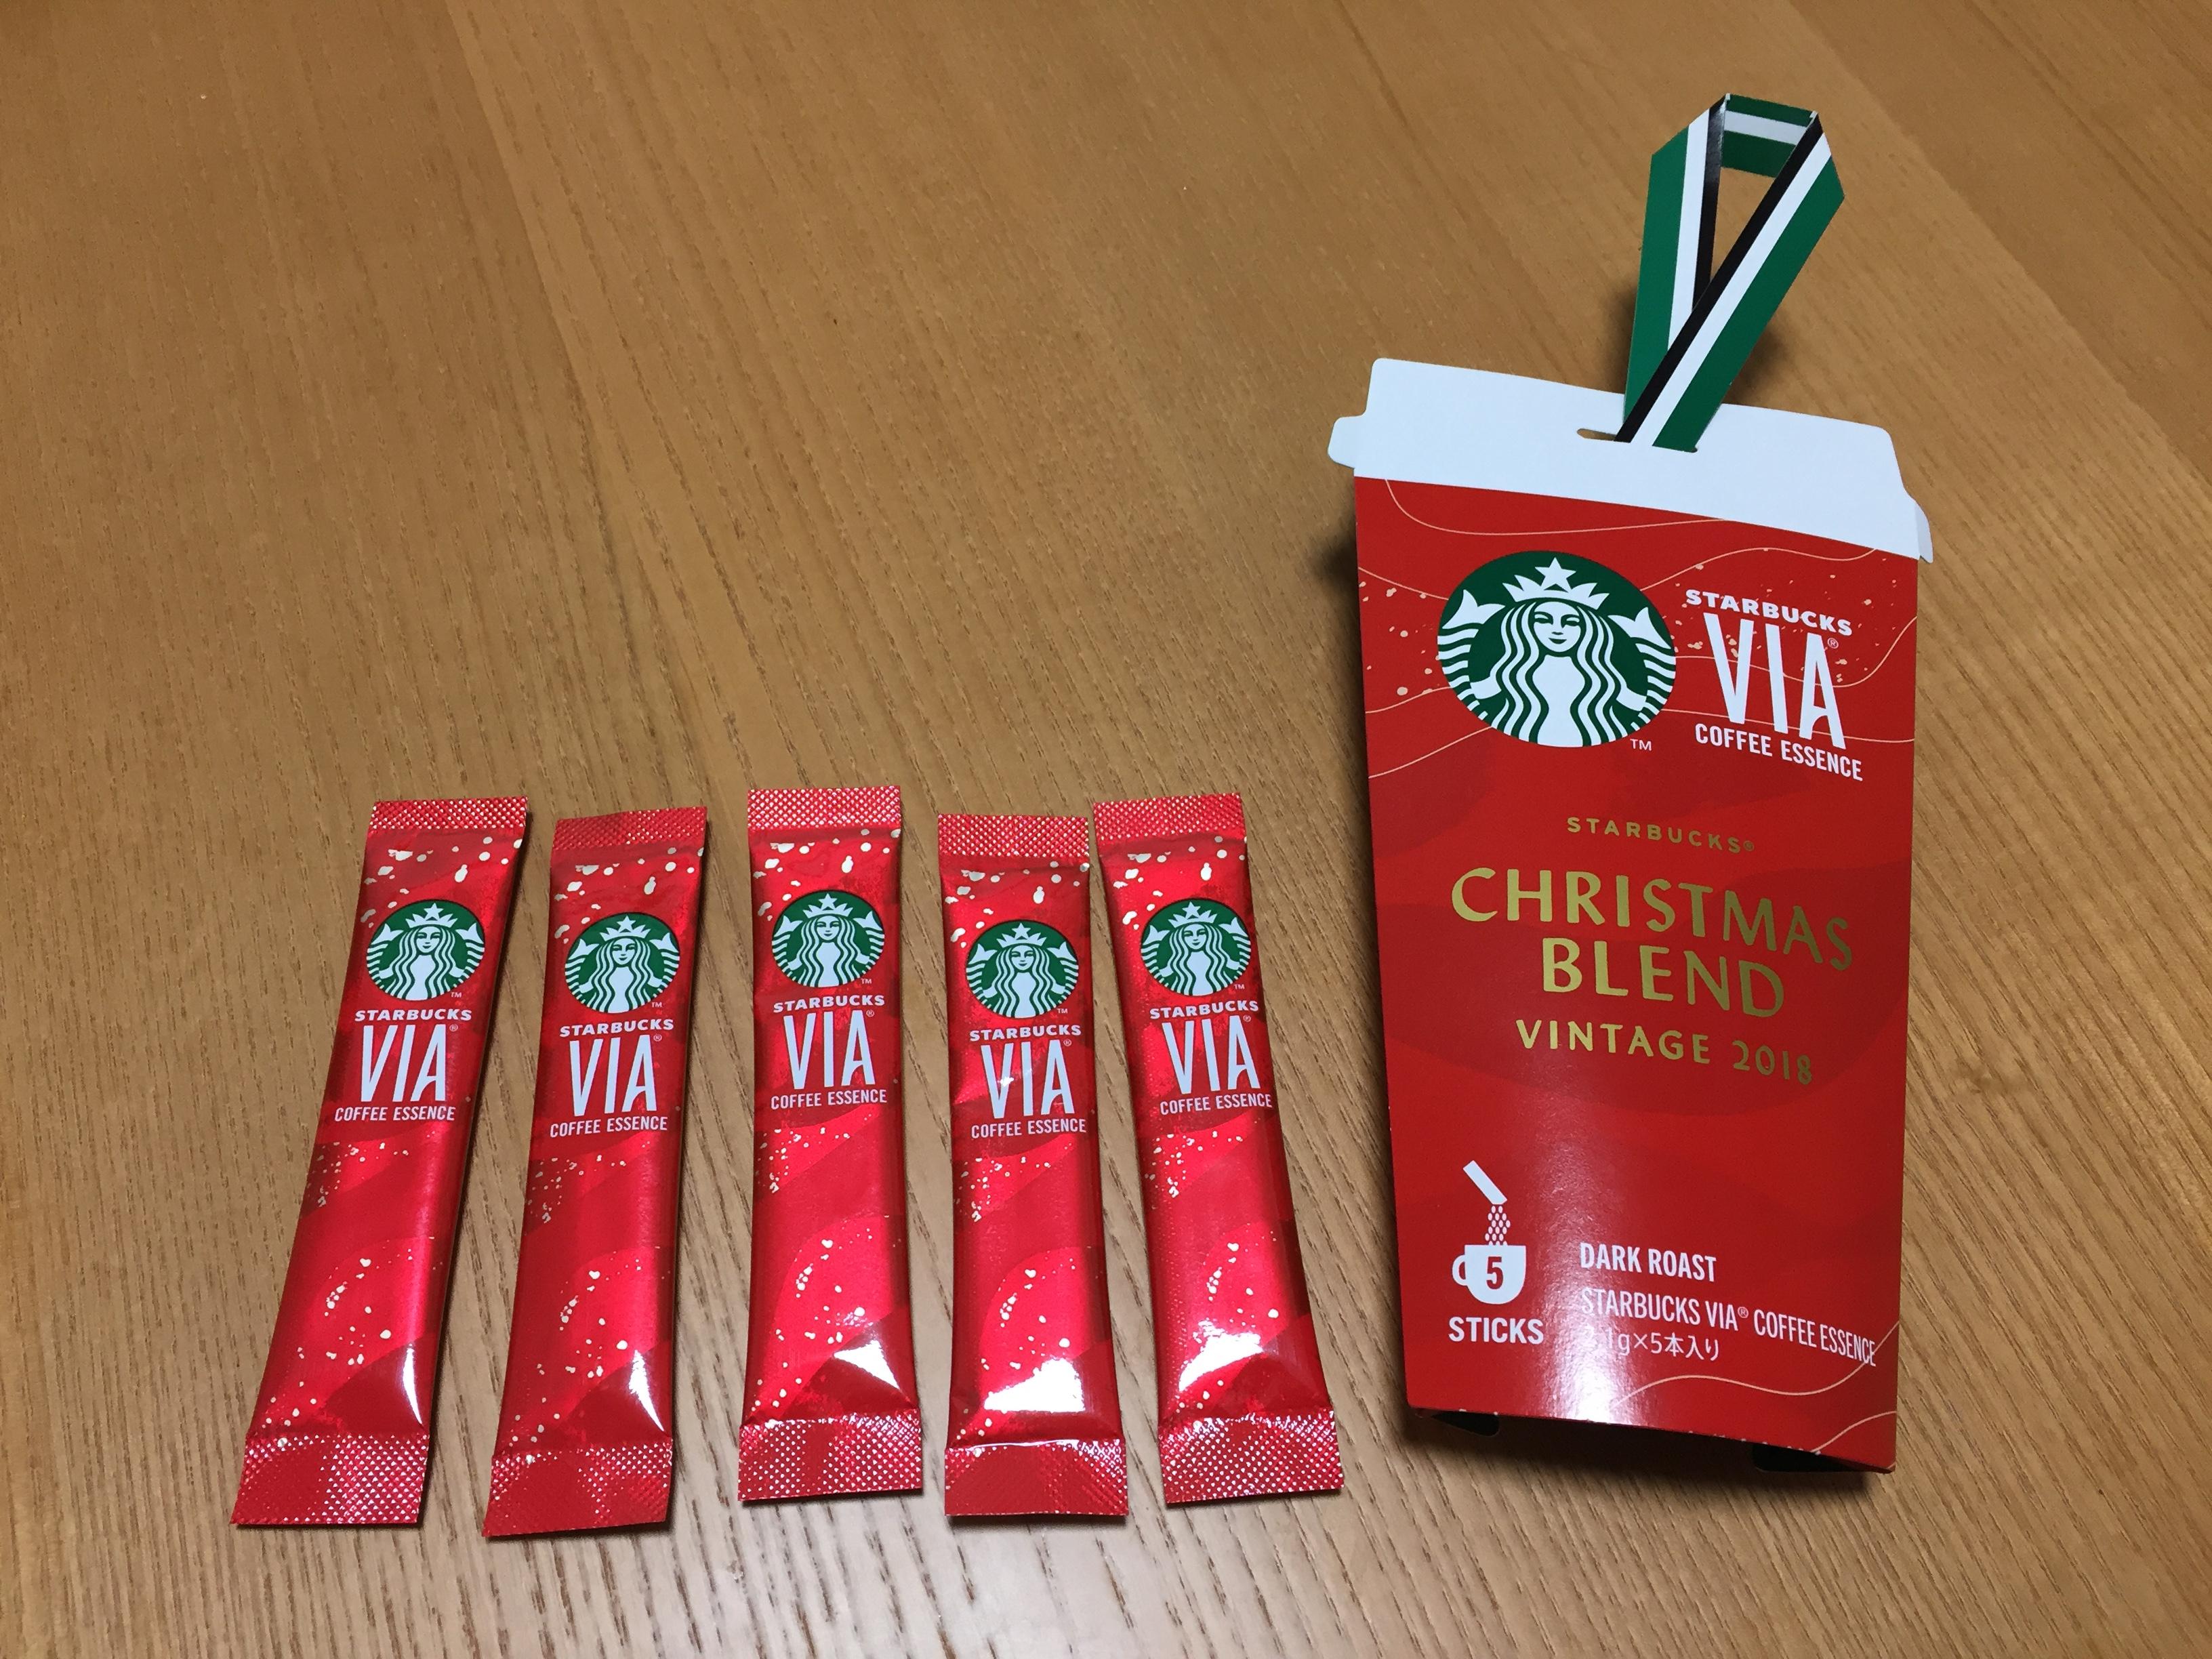 starbucks スターバックス スタバ ヴィア via クリスマスブレンド ギフト